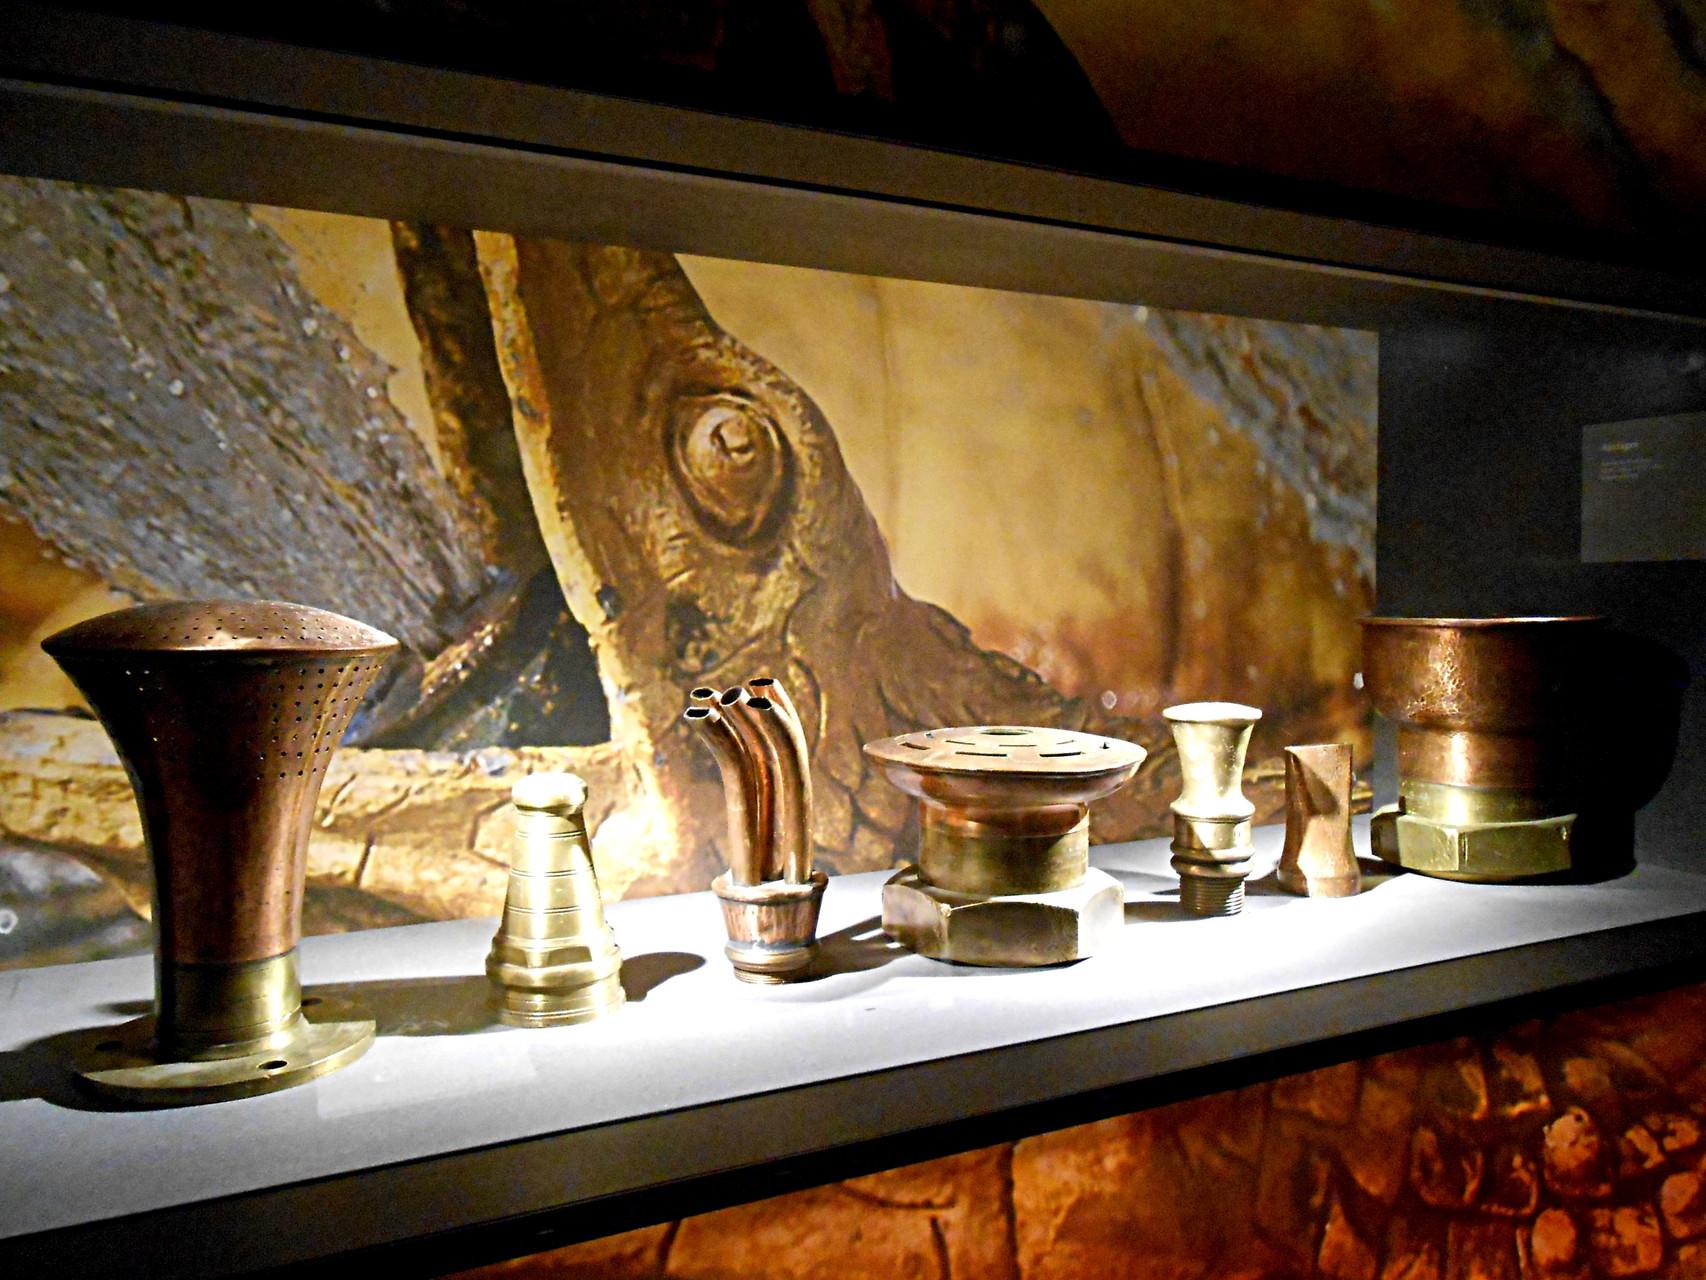 Ajutages pour donner leur forme aux jets d'eau des fontaines et des bassins, XVIIe - XVIIIe siècle, bronze